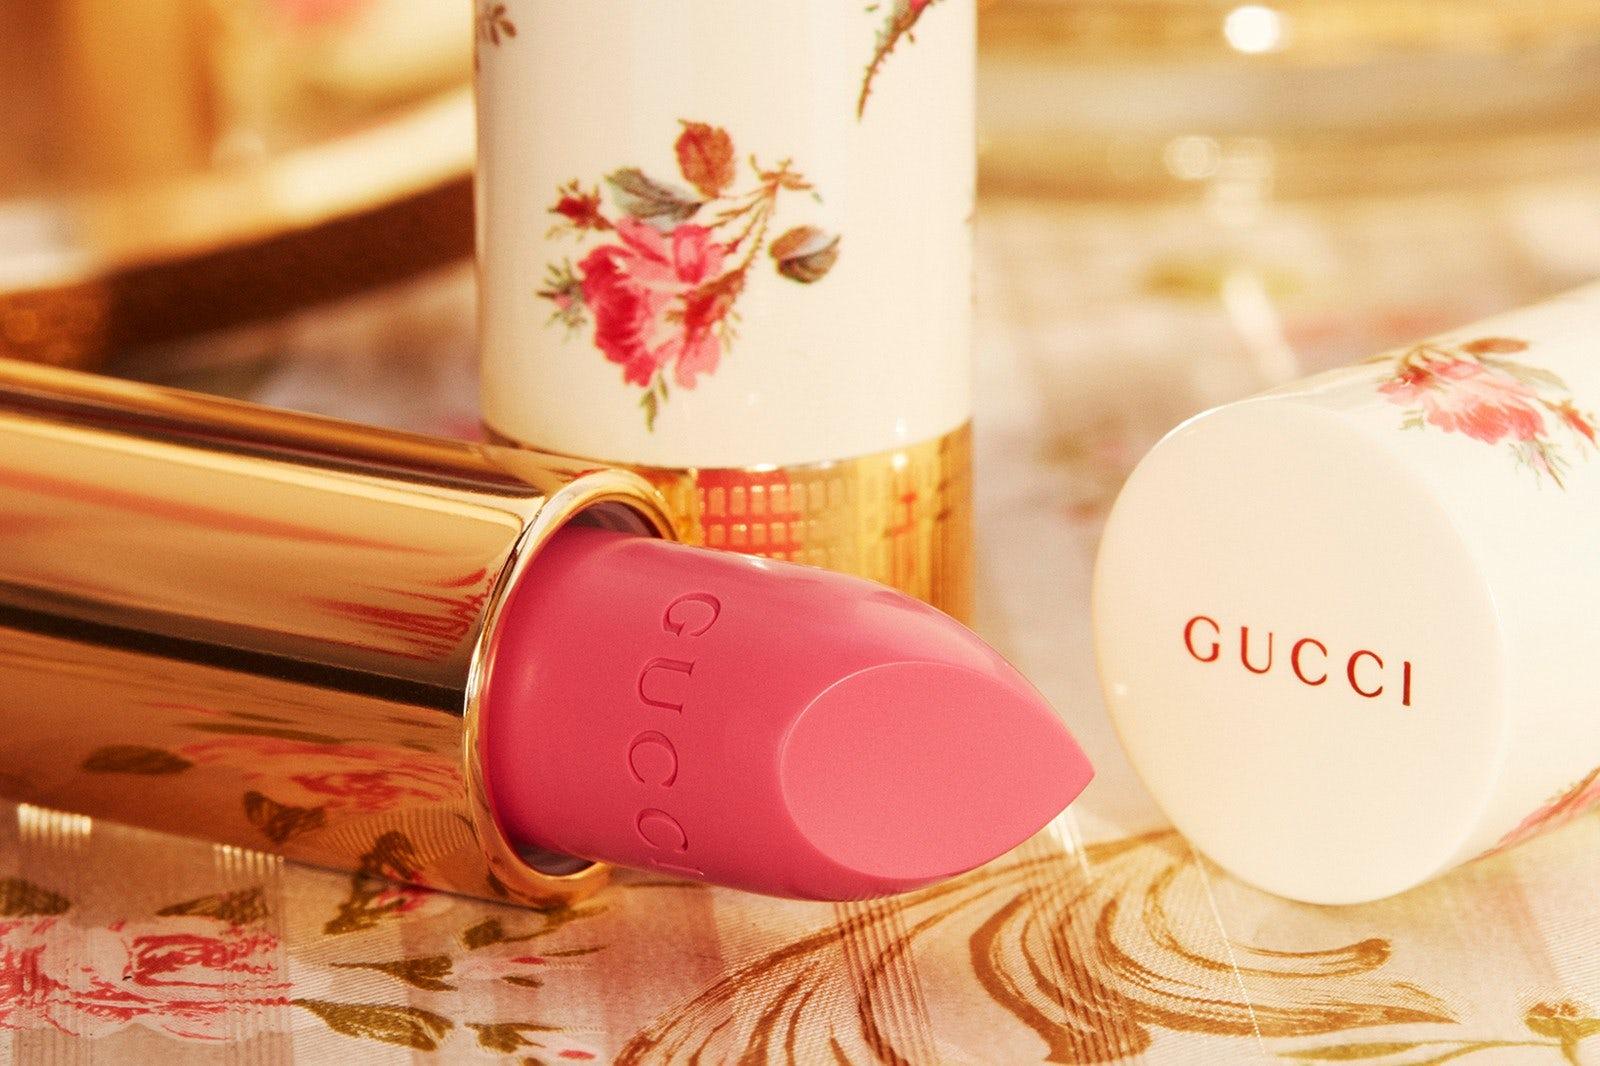 Gucci Beauty. Gucci Beauty.